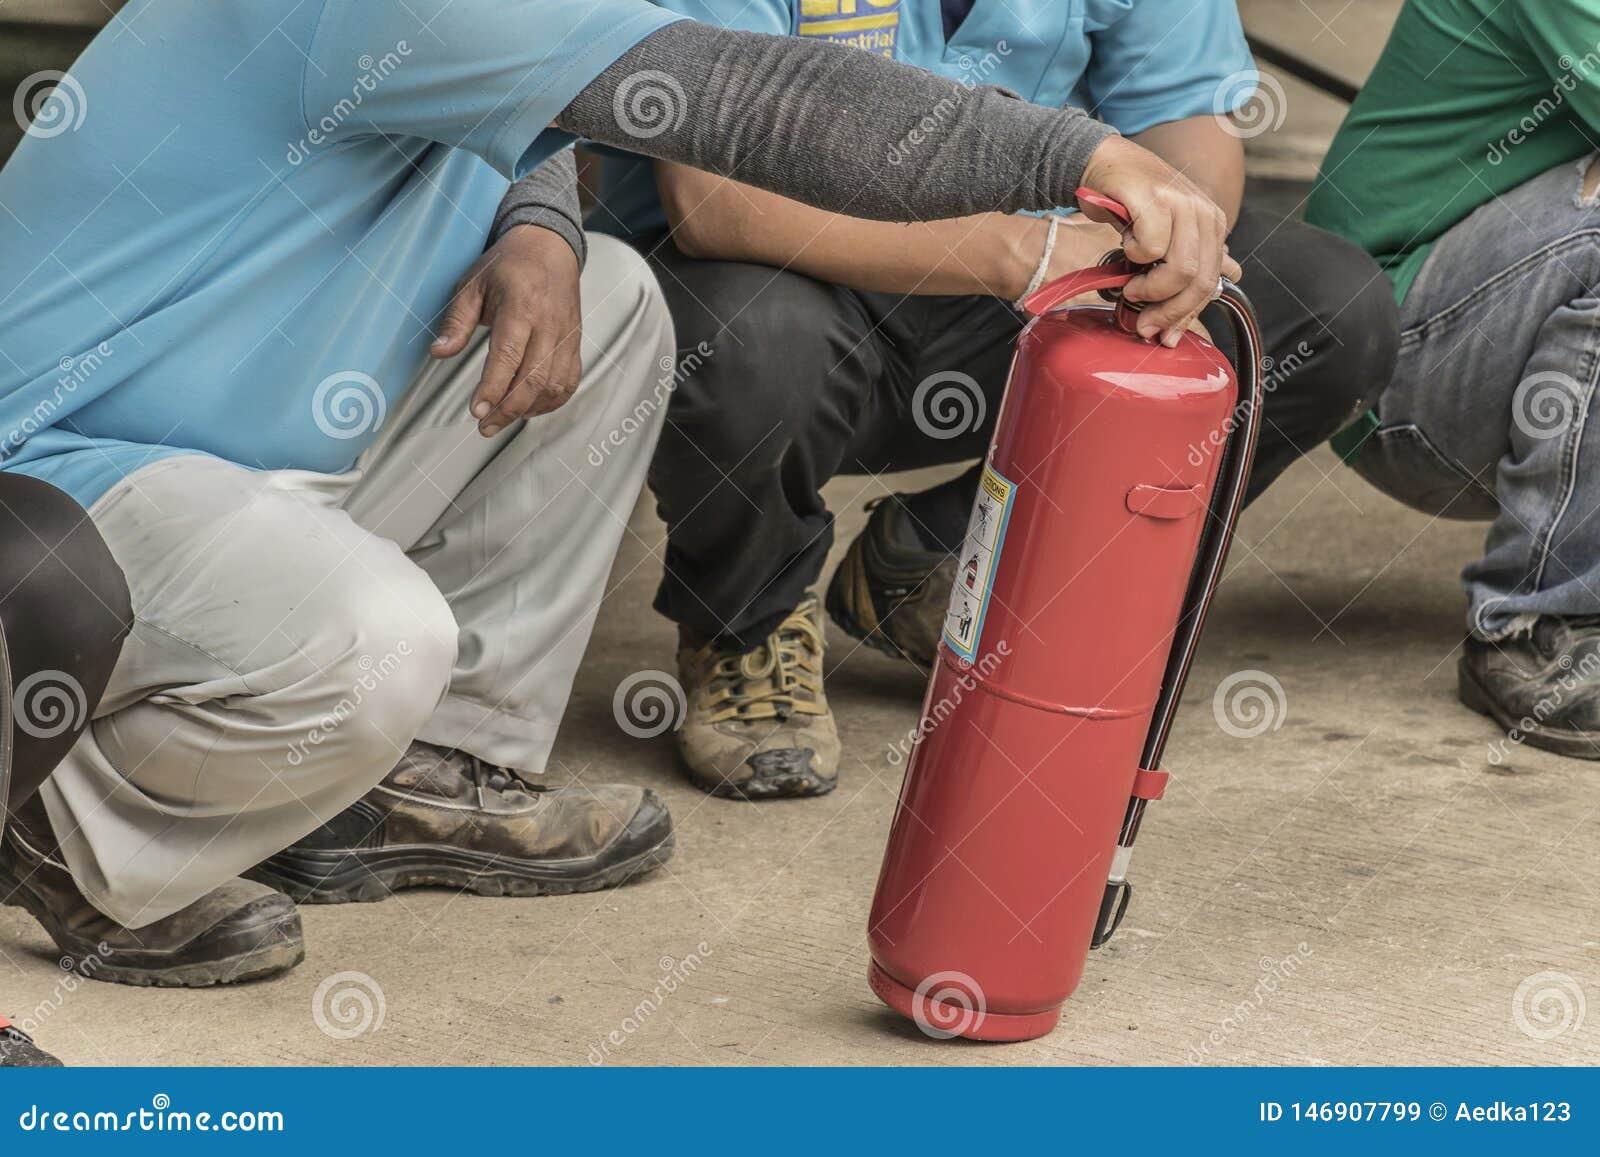 Piani di protezione contro l incendio di pratica e di addestramento, stoccaggio di gas di GPL, agosto 29, 2018